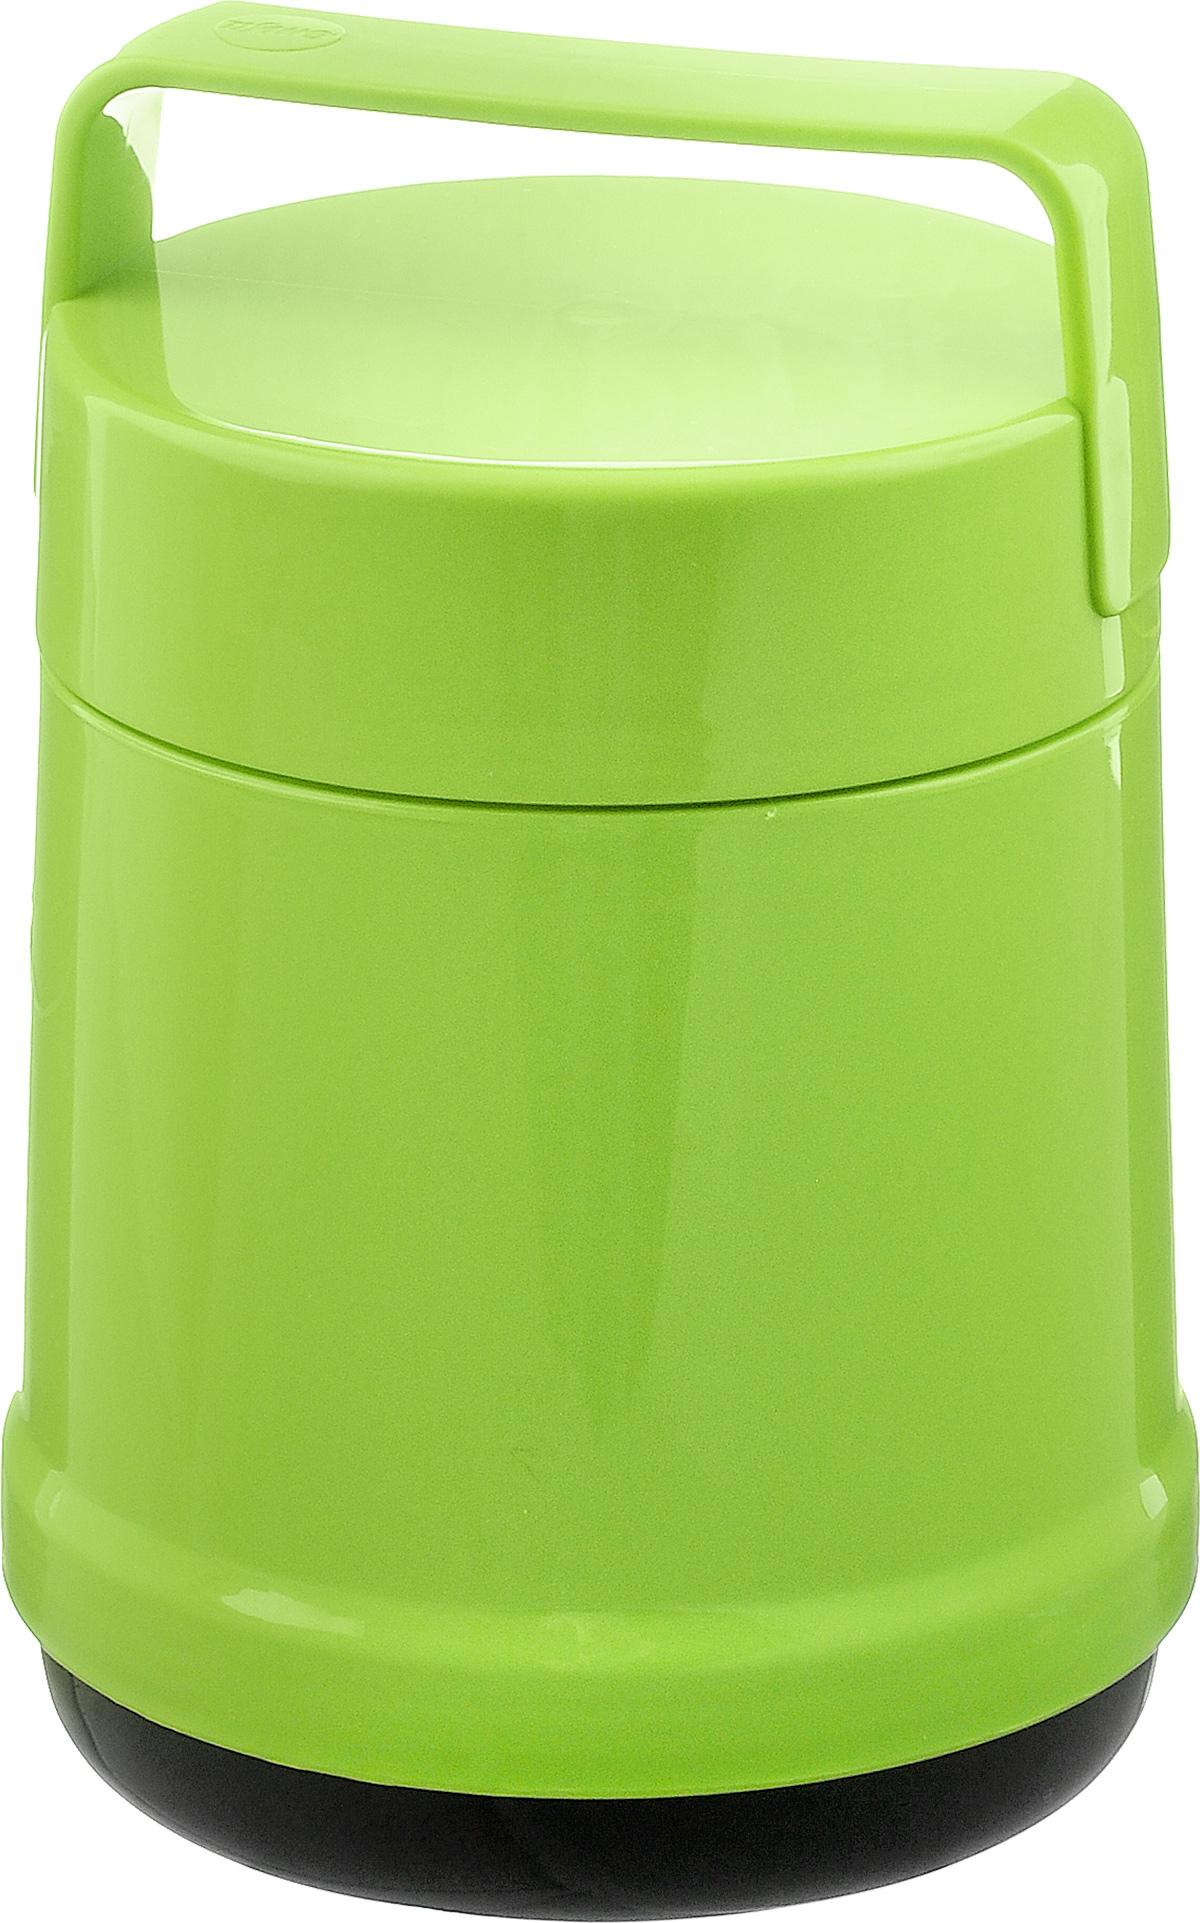 Термос для еды Emsa Rocket, цвет: зеленый, 1,4 л514536Термос с широким горлом Emsa Rocket выполнен из прочного цветного пластика со стеклянной колбой. Термос прост в использовании и очень функционален. В комплекте 2 контейнера, которые можно использовать в качестве мисок для еды. Легкий и прочный термос Emsa Rocket сохранит вашу еду горячей или холодной надолго. Высота (с учетом крышки): 25 см. Диаметр горлышка: 12,5 см. Диаметр дна: 14 см. Размер большого контейнера: 11,8 см х 11,8 см х 16,5 см. Размер маленького контейнера: 11 см х 10 см х 4,7 см. Сохранение холода: 12 ч. Сохранение тепла: 6 ч.